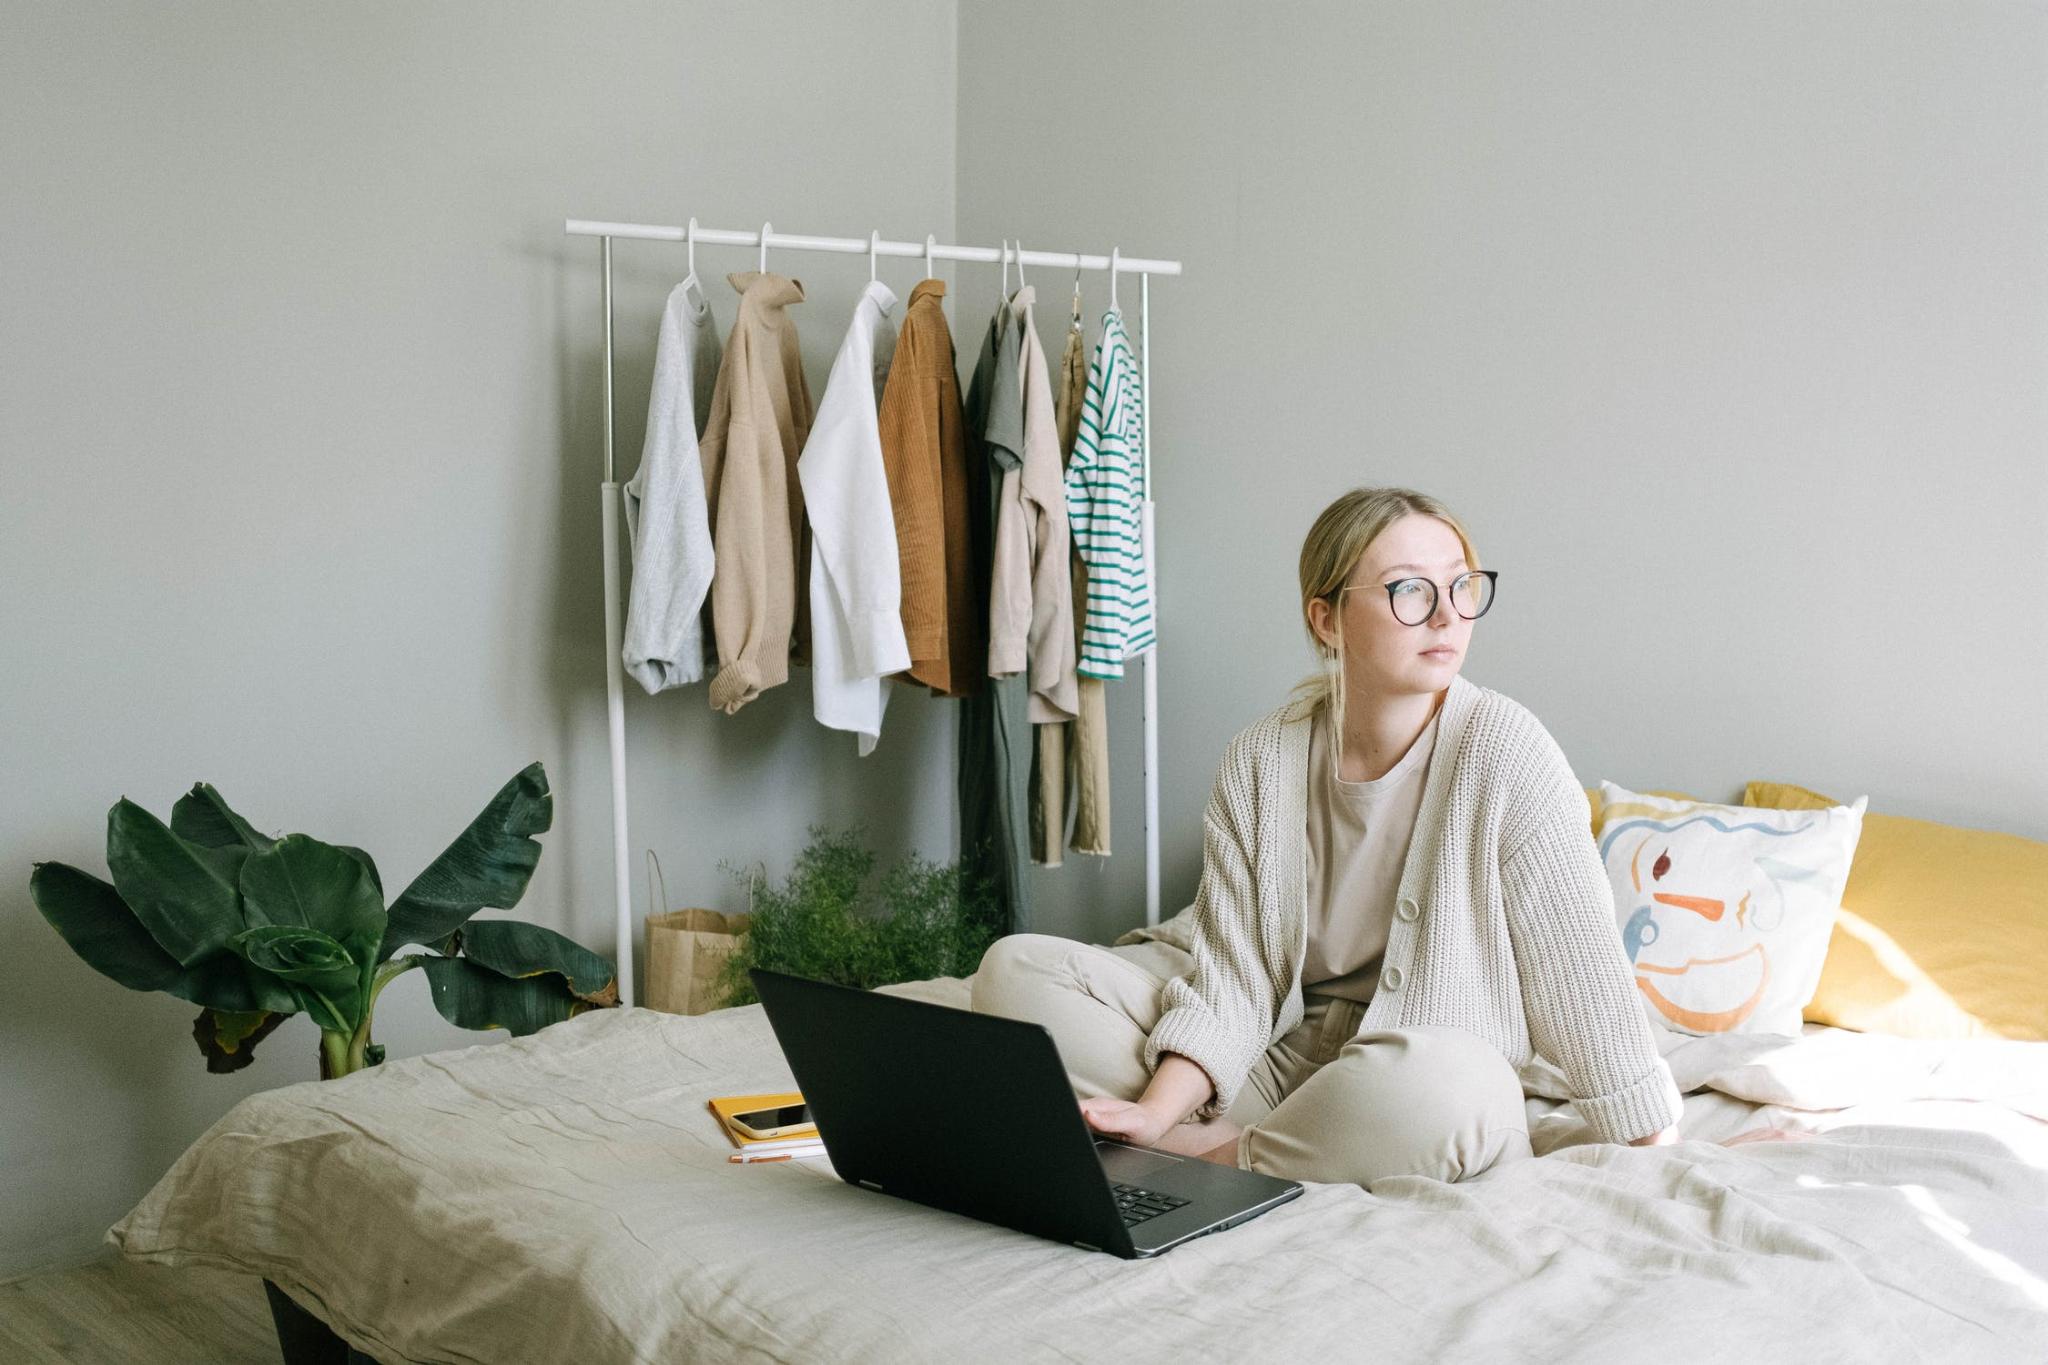 žena sedí na posteli s laptopom a hľadí von oknom